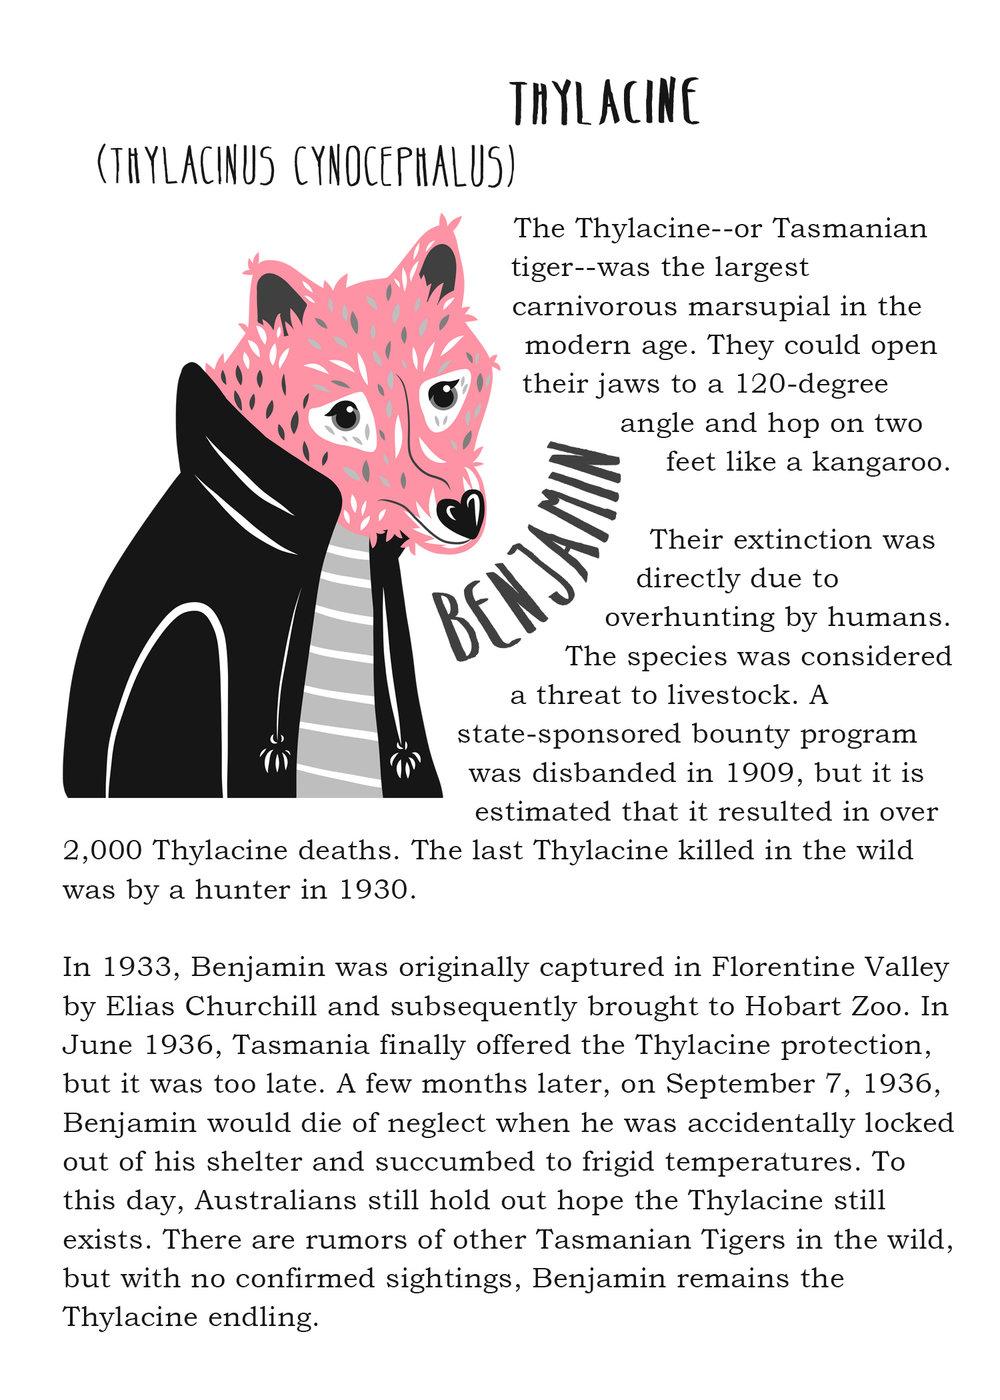 Famous Endlings: Benjamin